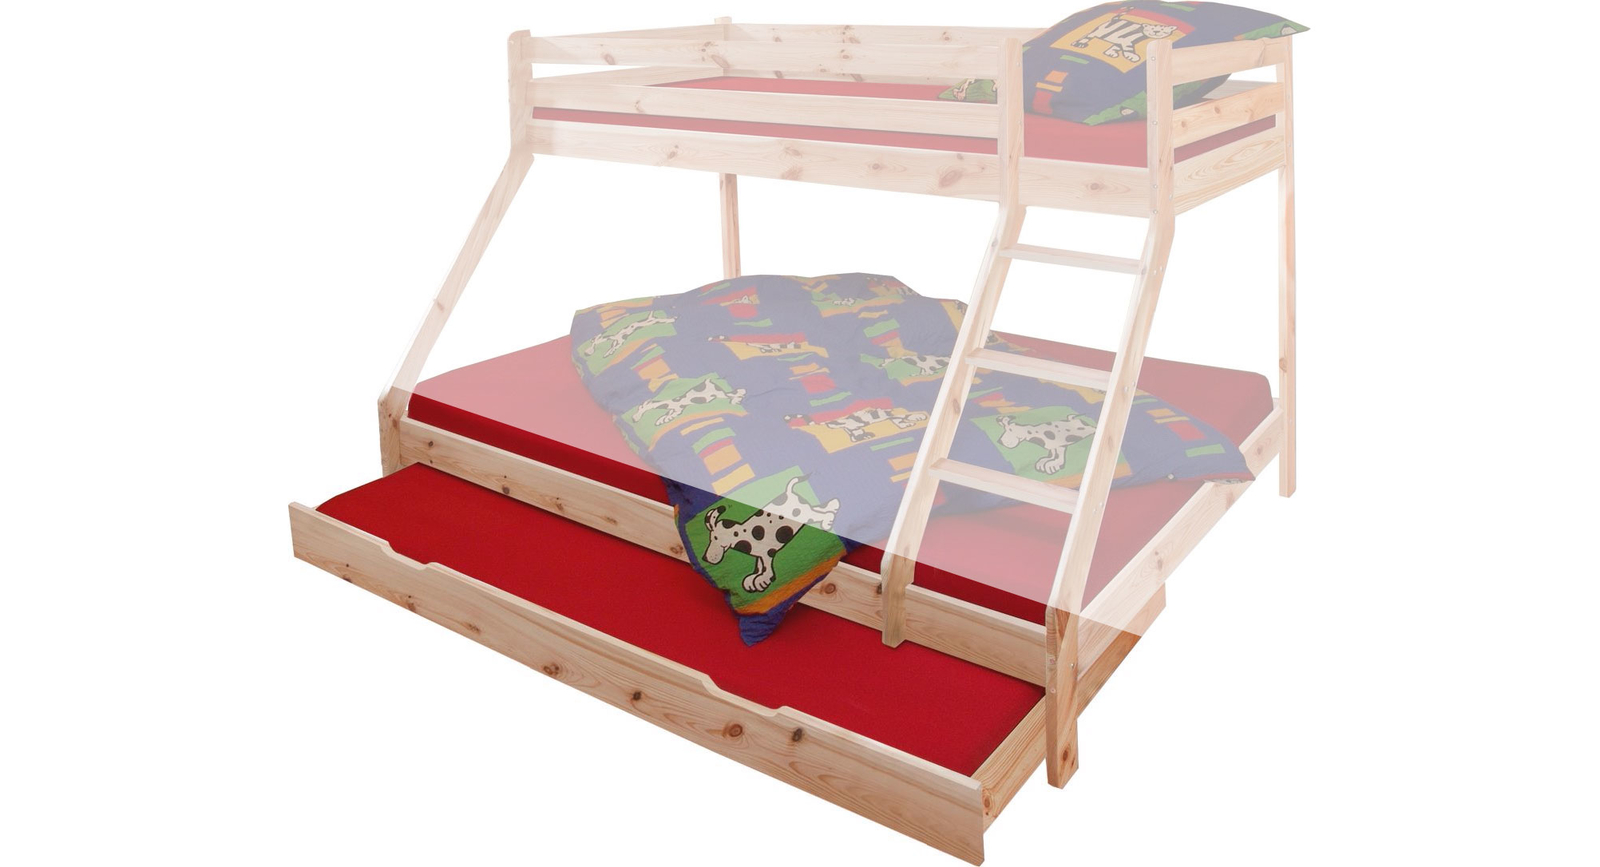 Etagenbett Mit 3 Schlafgelegenheiten : Etagenbett hochbett jakob farbe weiß mit